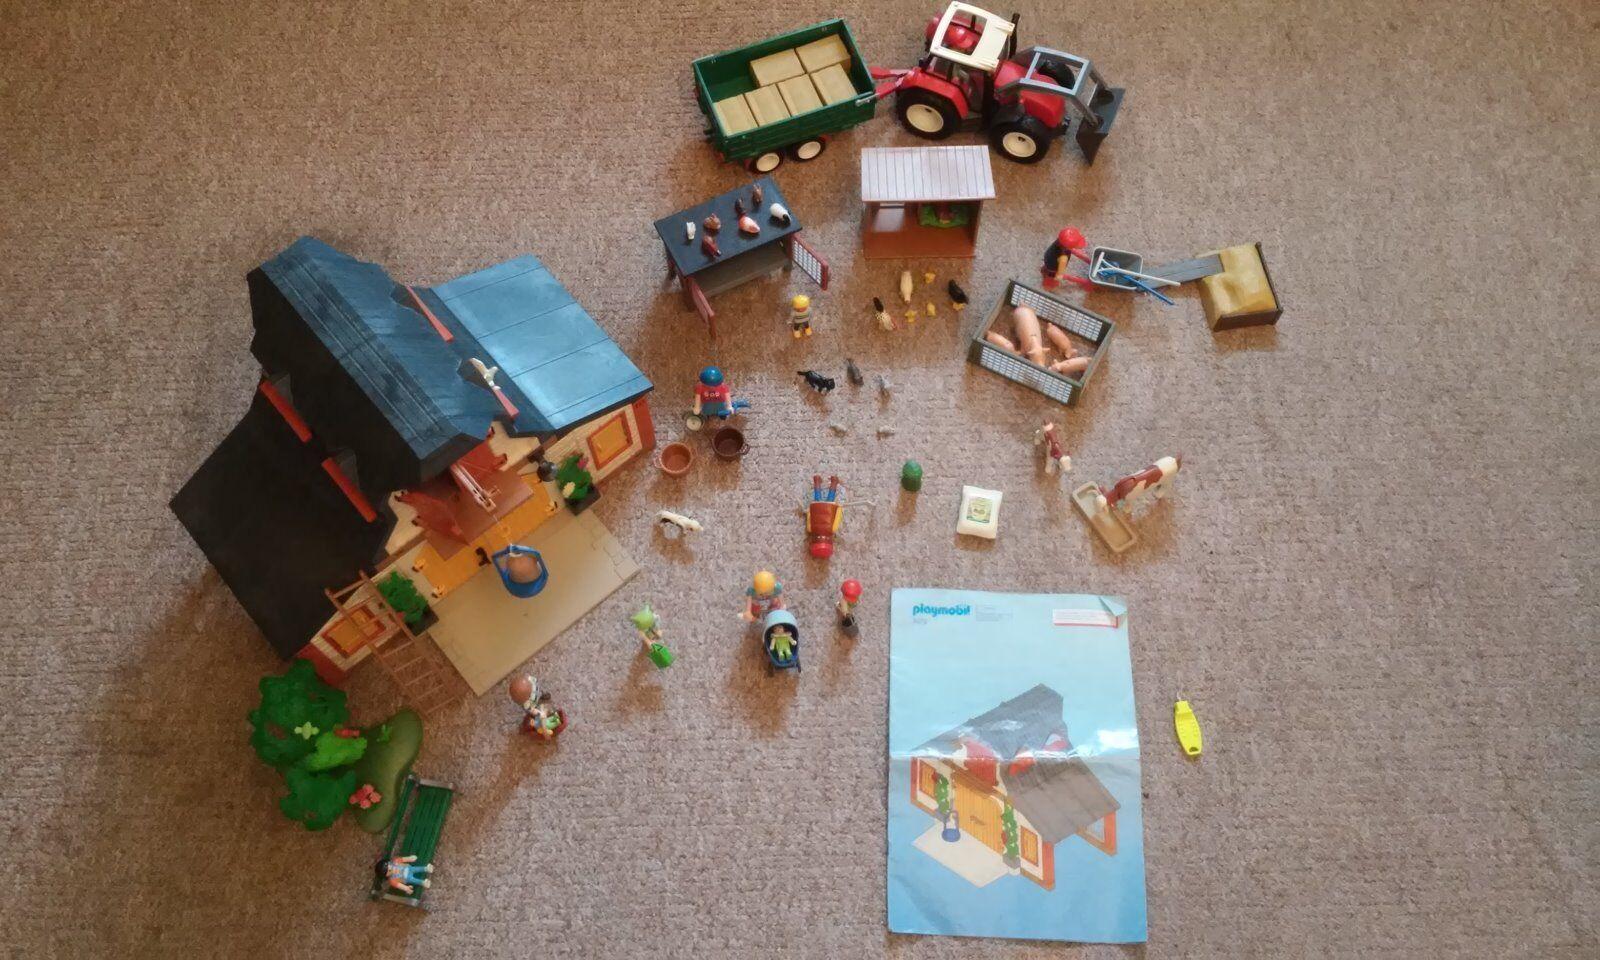 Playmobil Bauernhof mit sehr viel Zubehör Traktor Ställe Tiere etc.